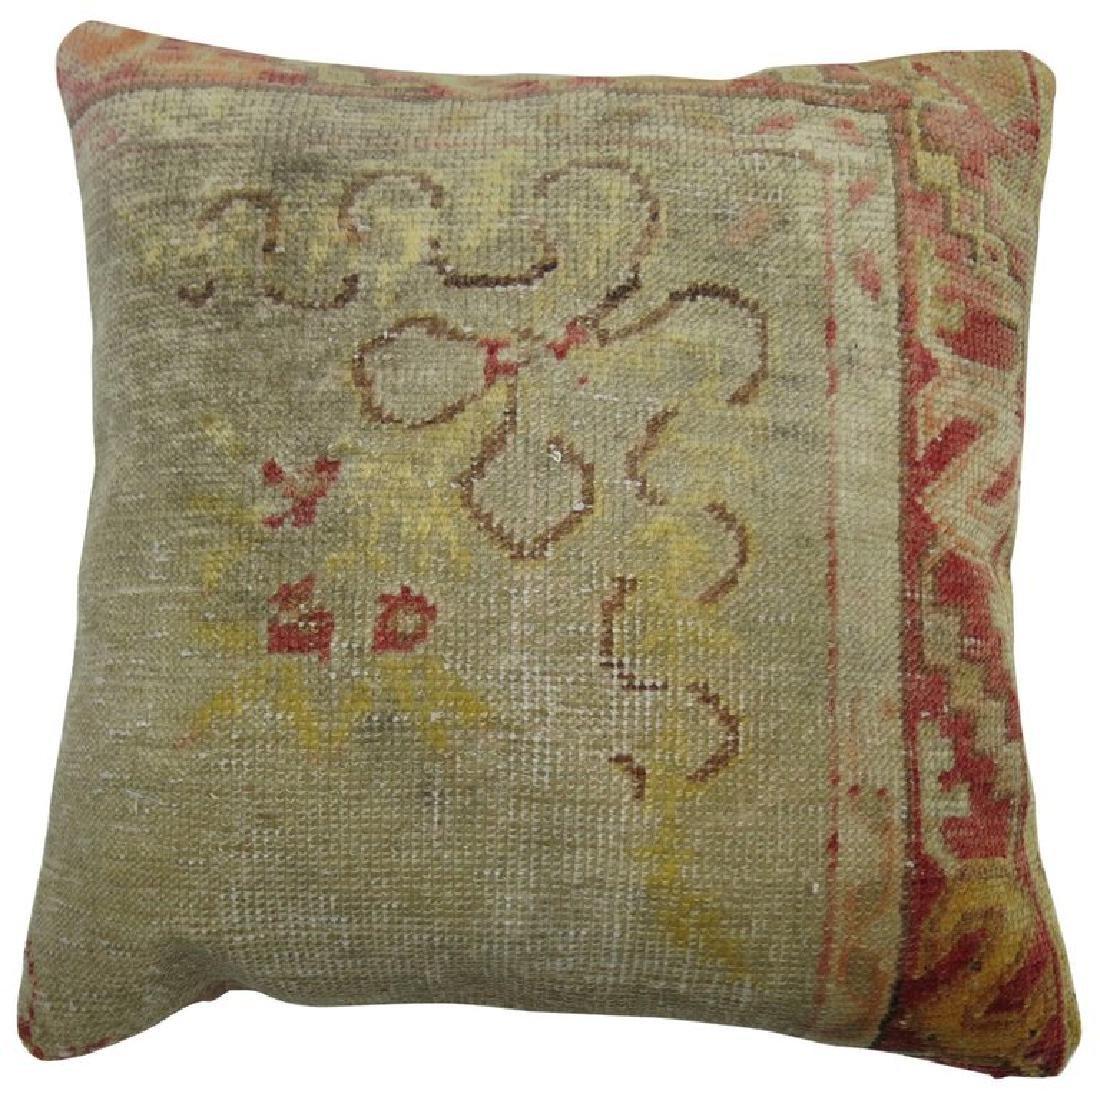 Vintage Oushak Rug Pillow 9x1.8x1.8